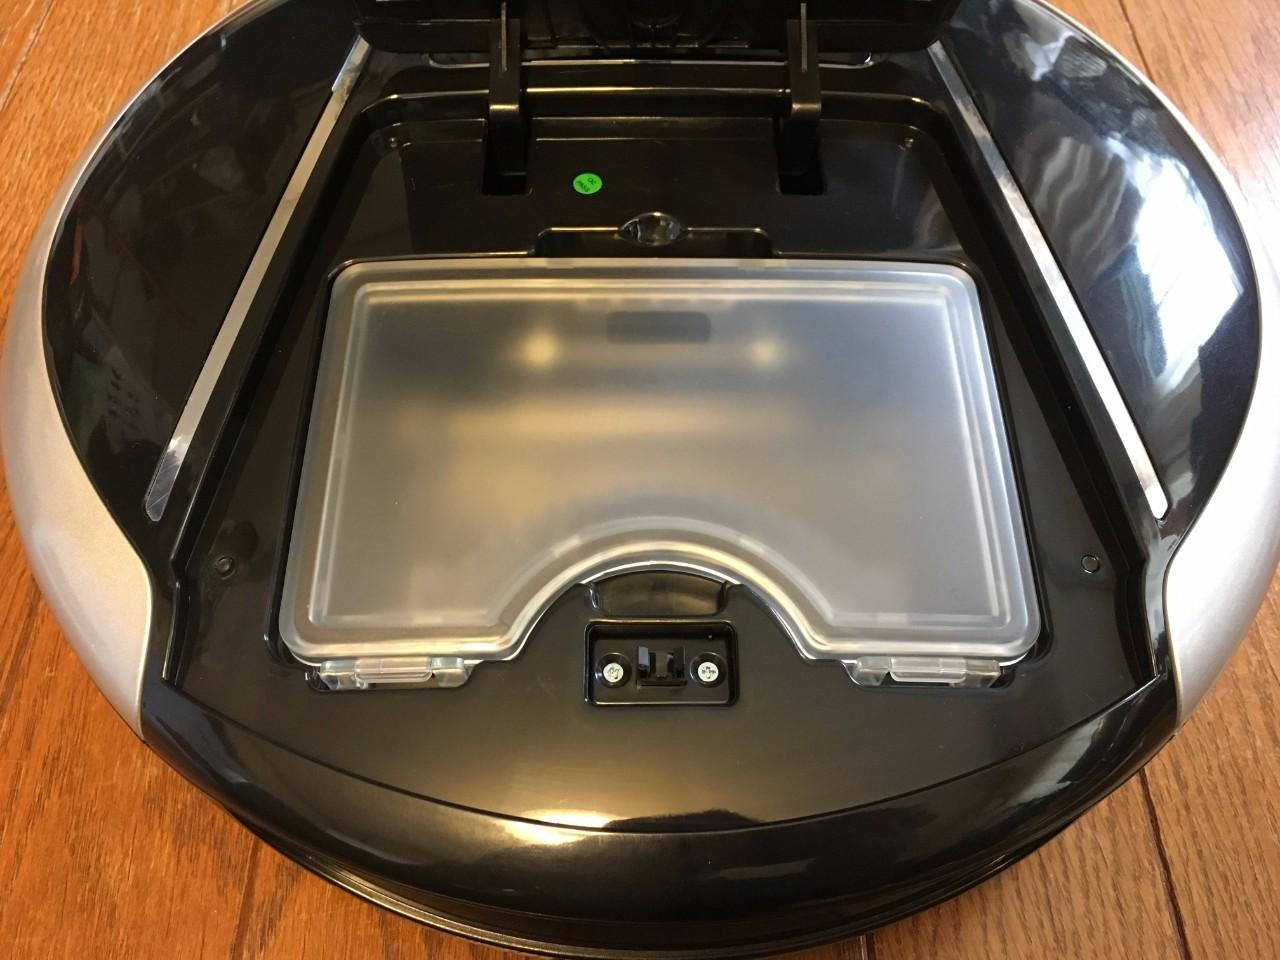 pr-evertop-robotic-vacuum-clean-10